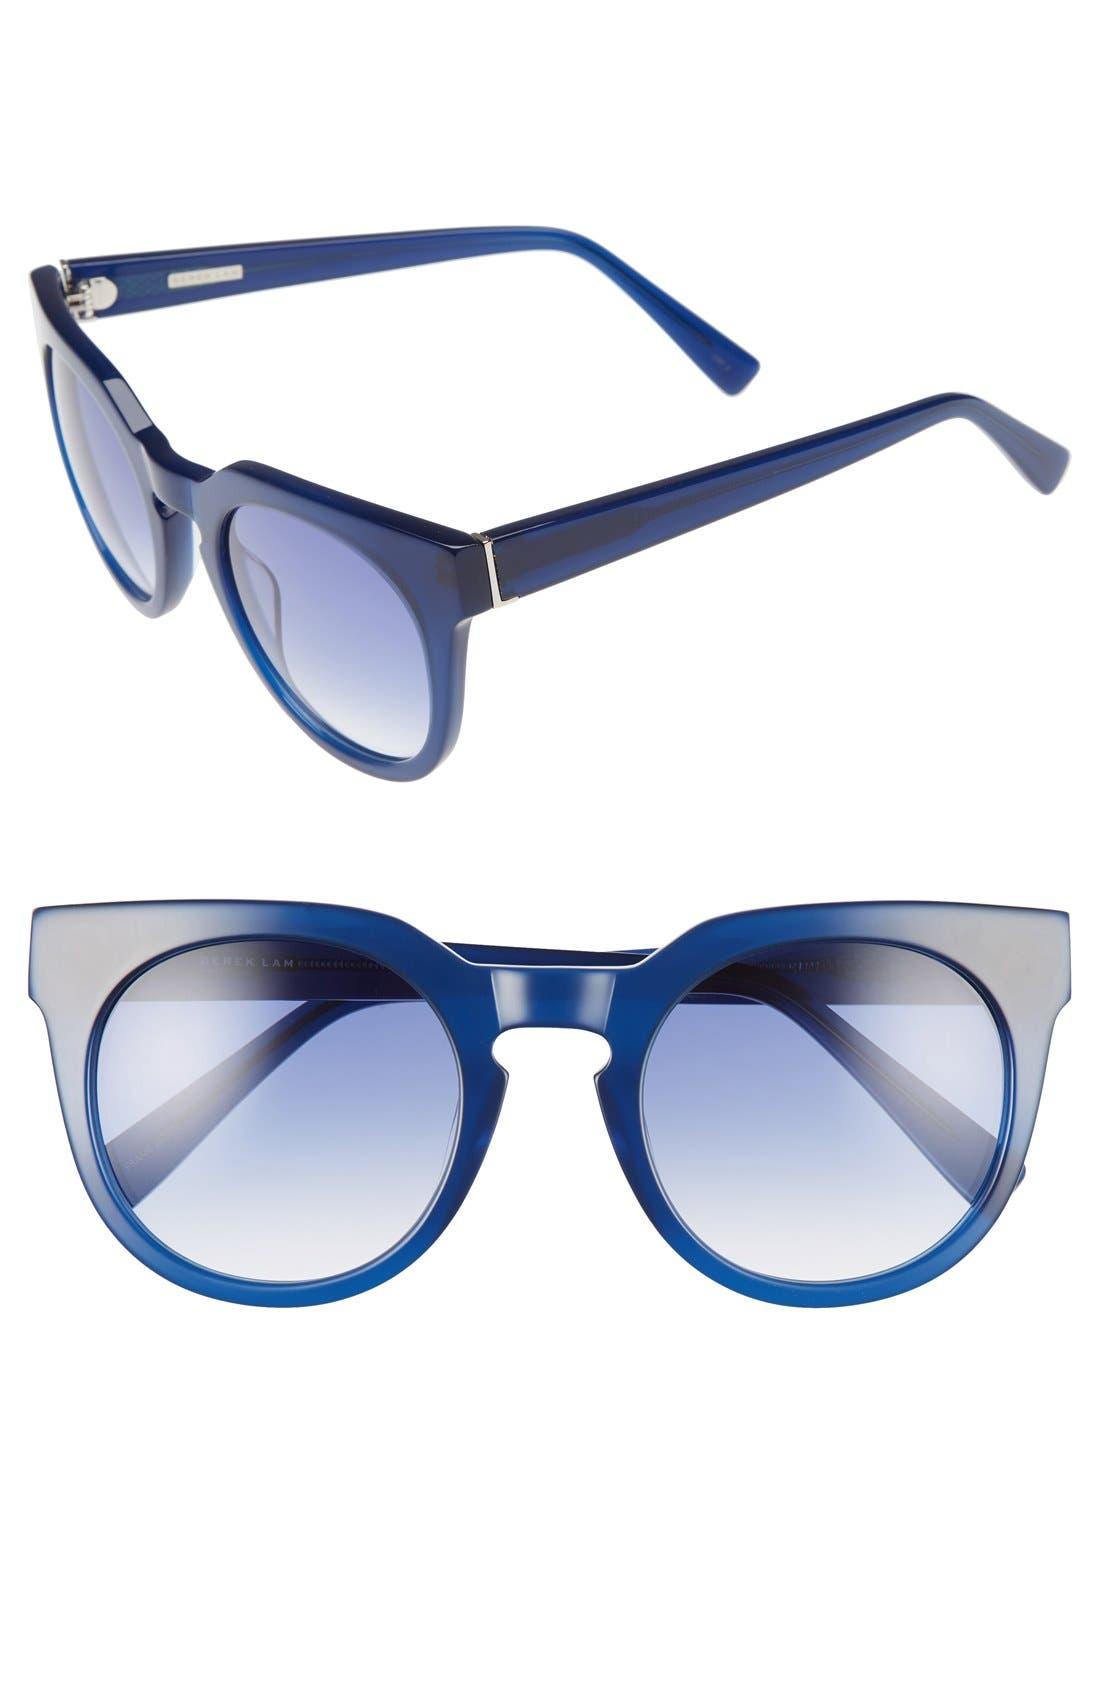 Main Image - Derek Lam 'Stella' 51mm Round Sunglasses